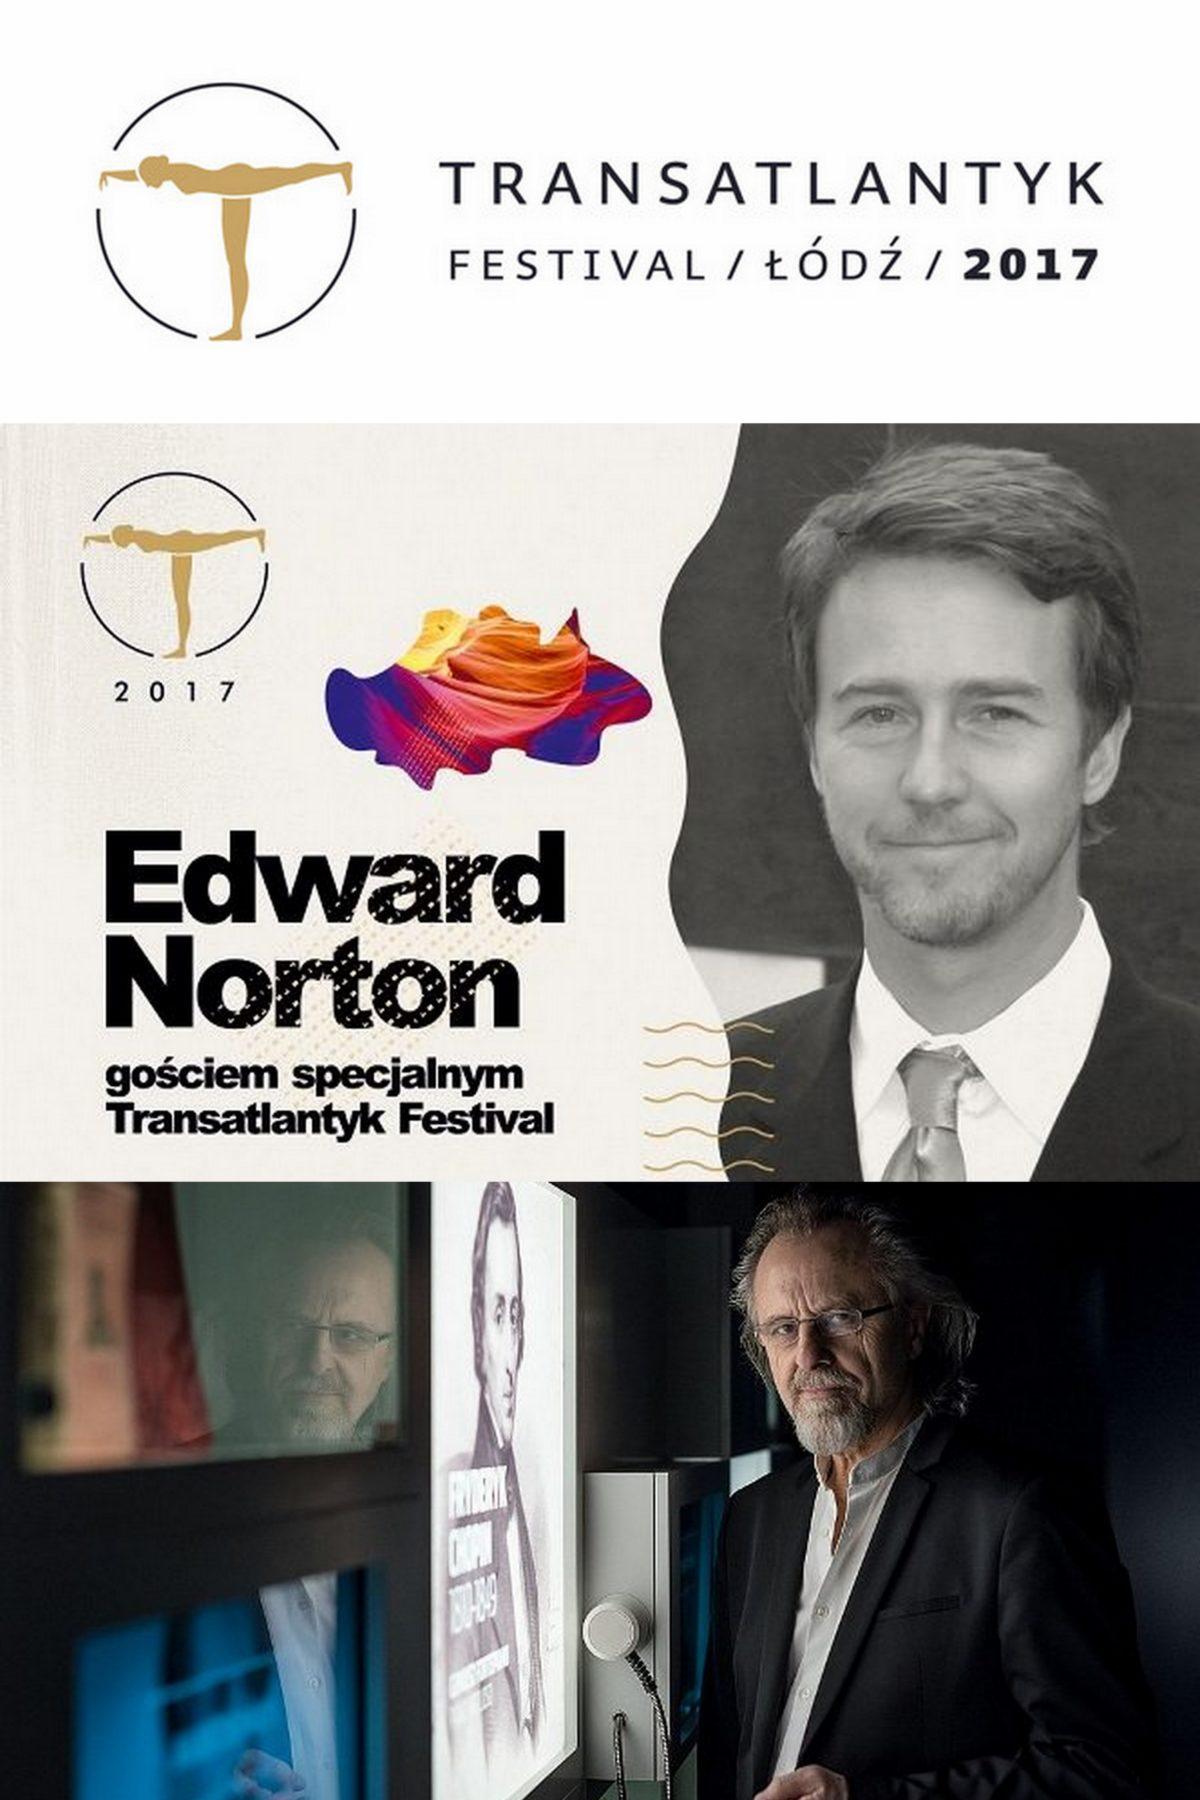 Transatlantyk Festiwal 2017 czyli subiektywna lista filmów z psychologicznym tłem.